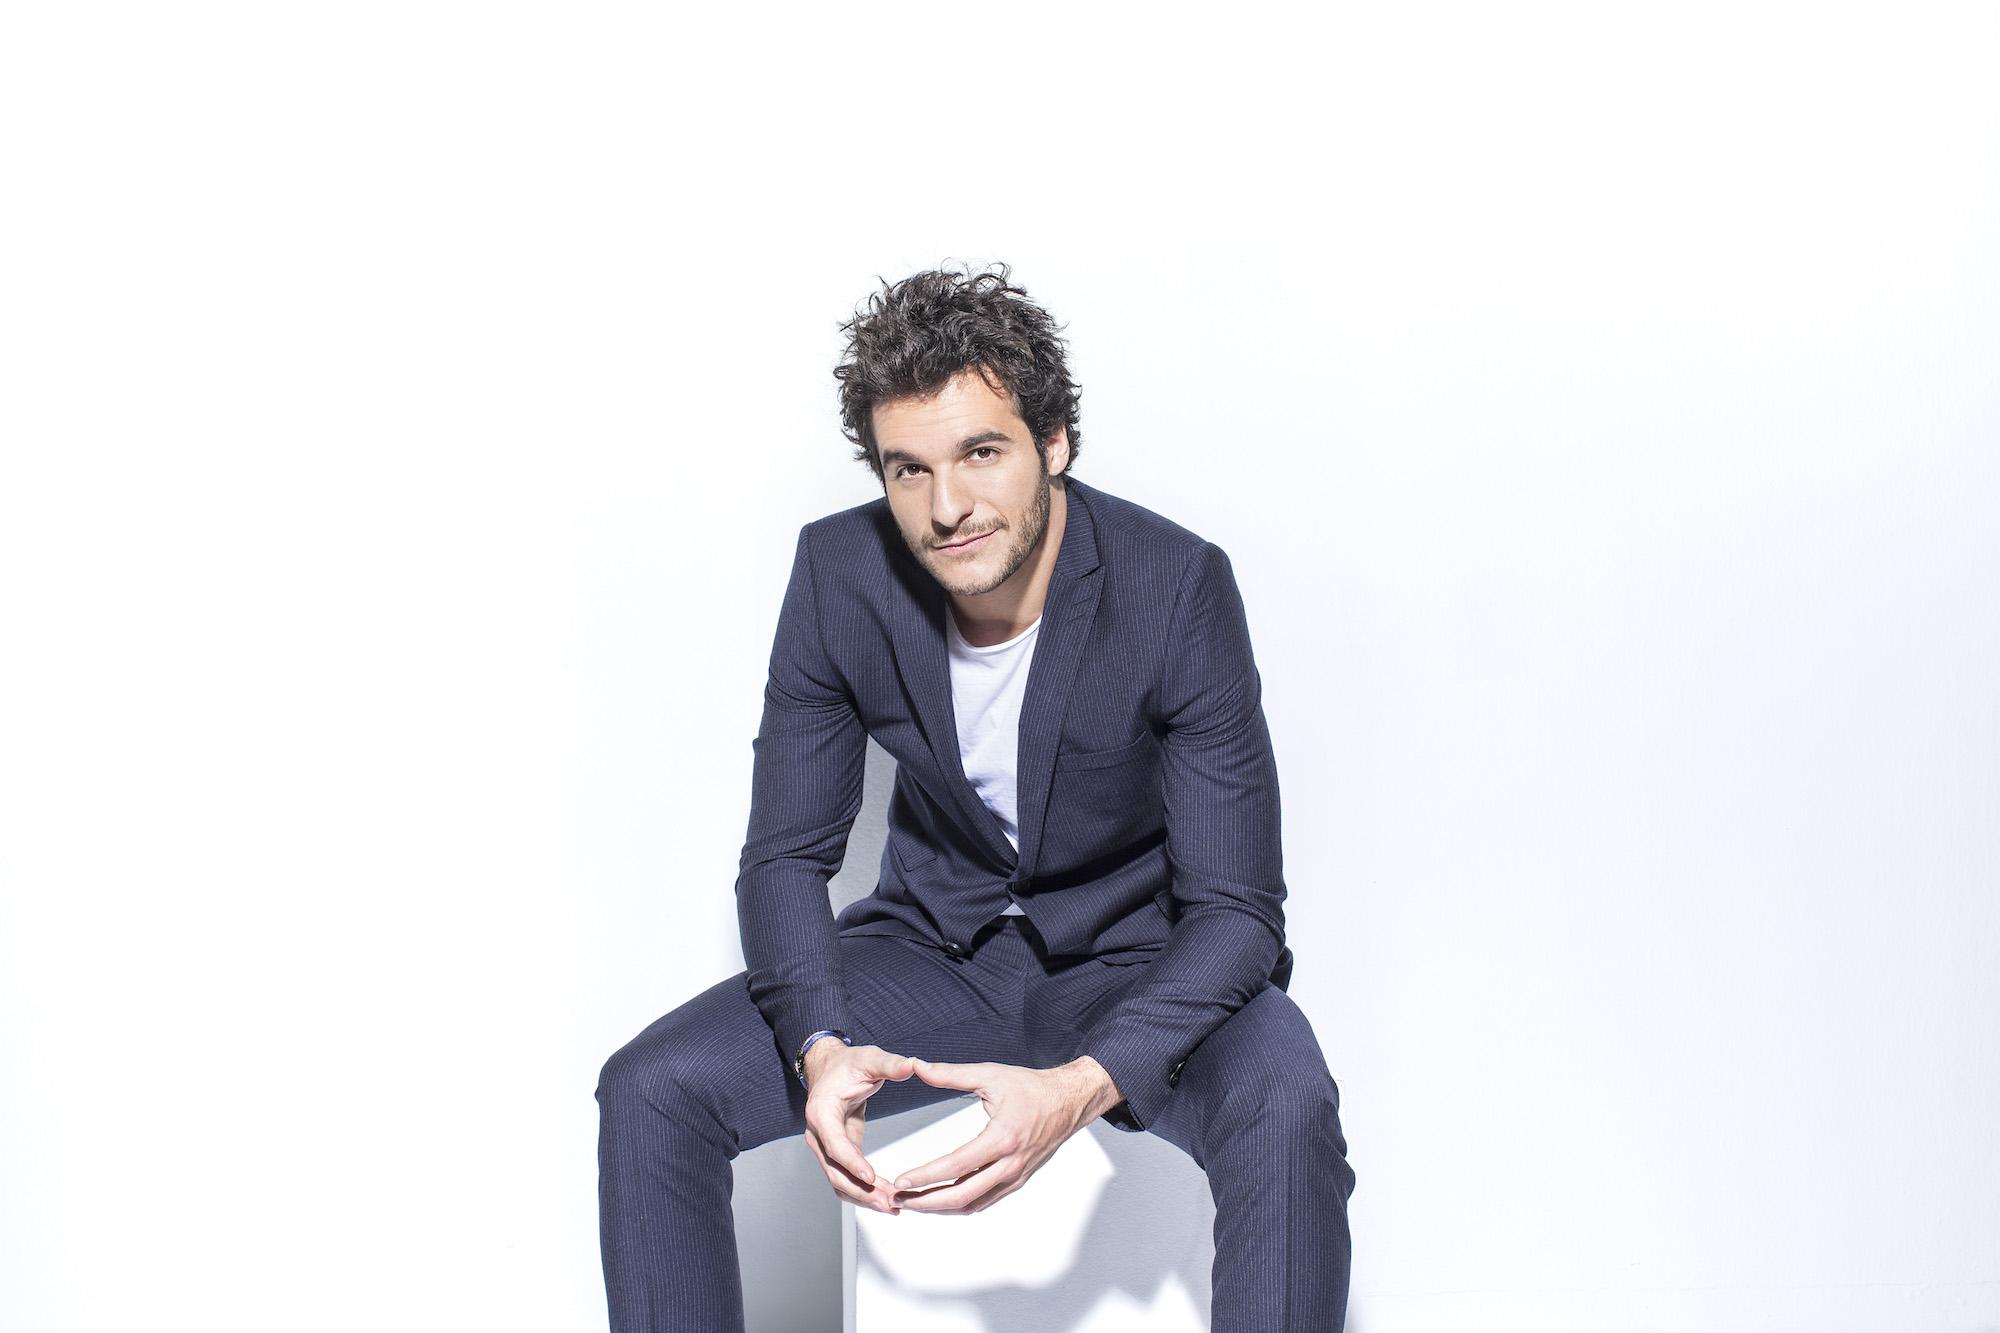 Amir France eurovision, Amir J'ai cherche eurovision, Amir Eurovision 2016, Amir France, Amir Renaud Corlouër, Eurovision 2016, Eurovision 16, Eurovision Song Contest